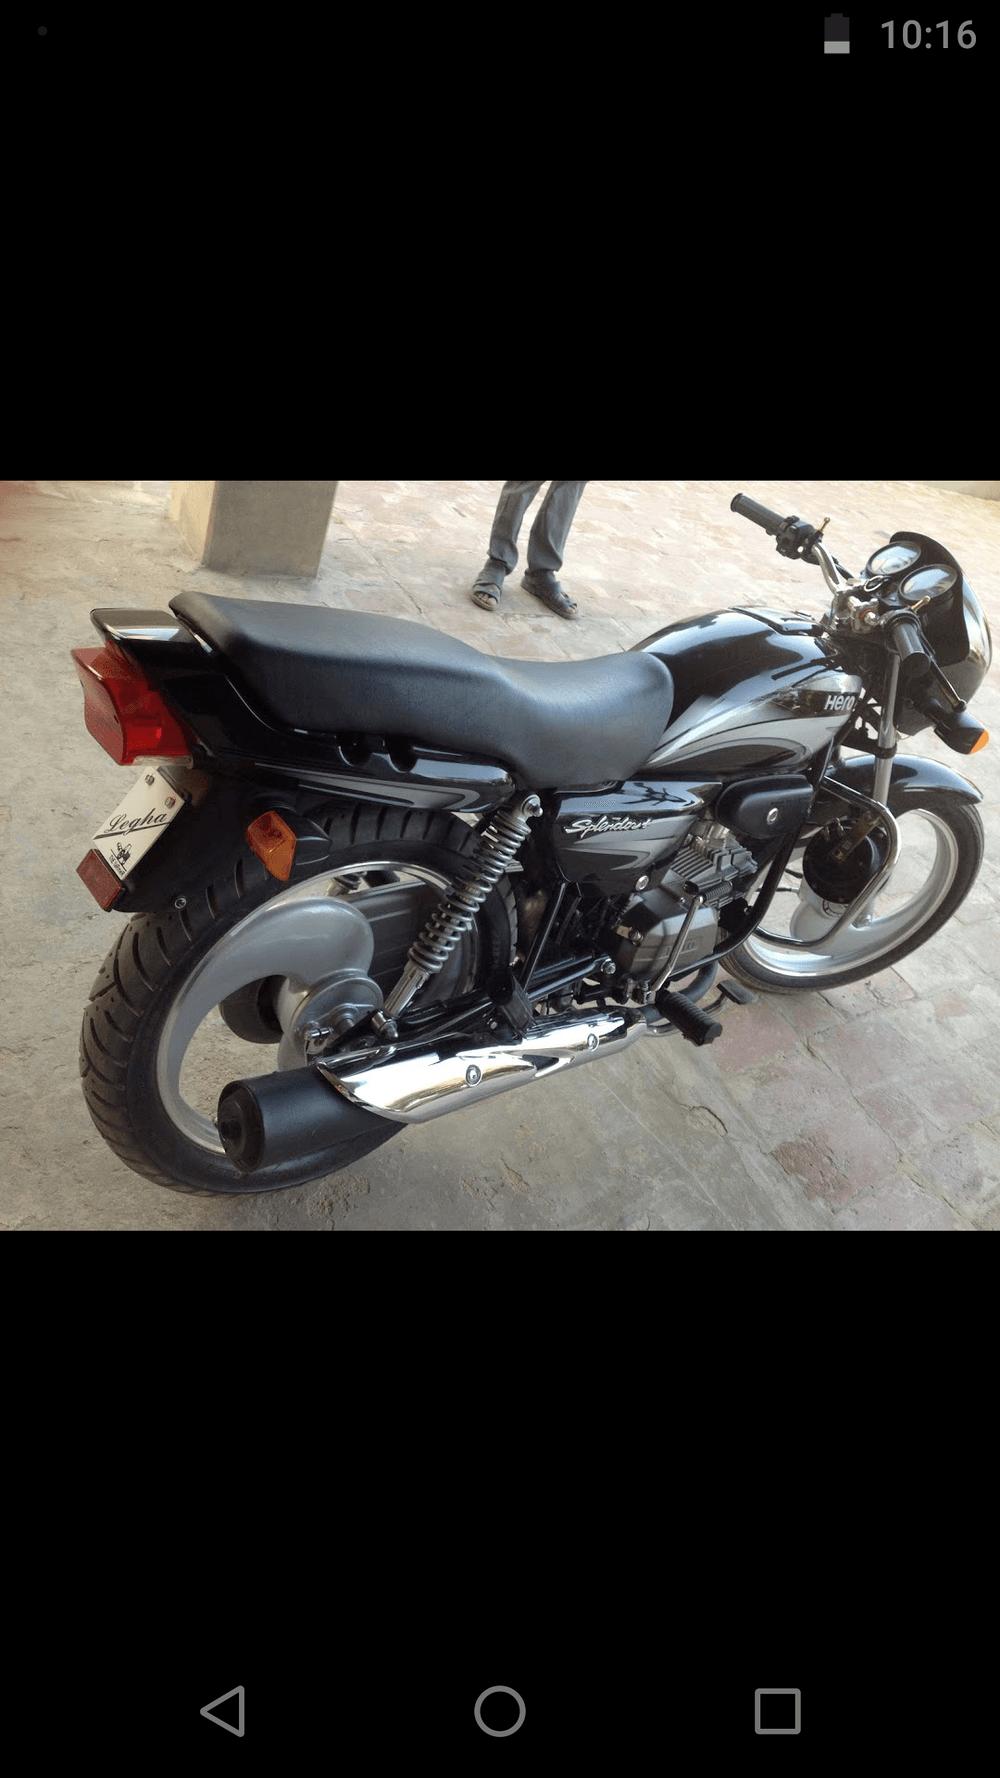 Used Hero Splendor Plus Bike In Ganganagar 2015 Model India At Best Honda 2014 Rear View